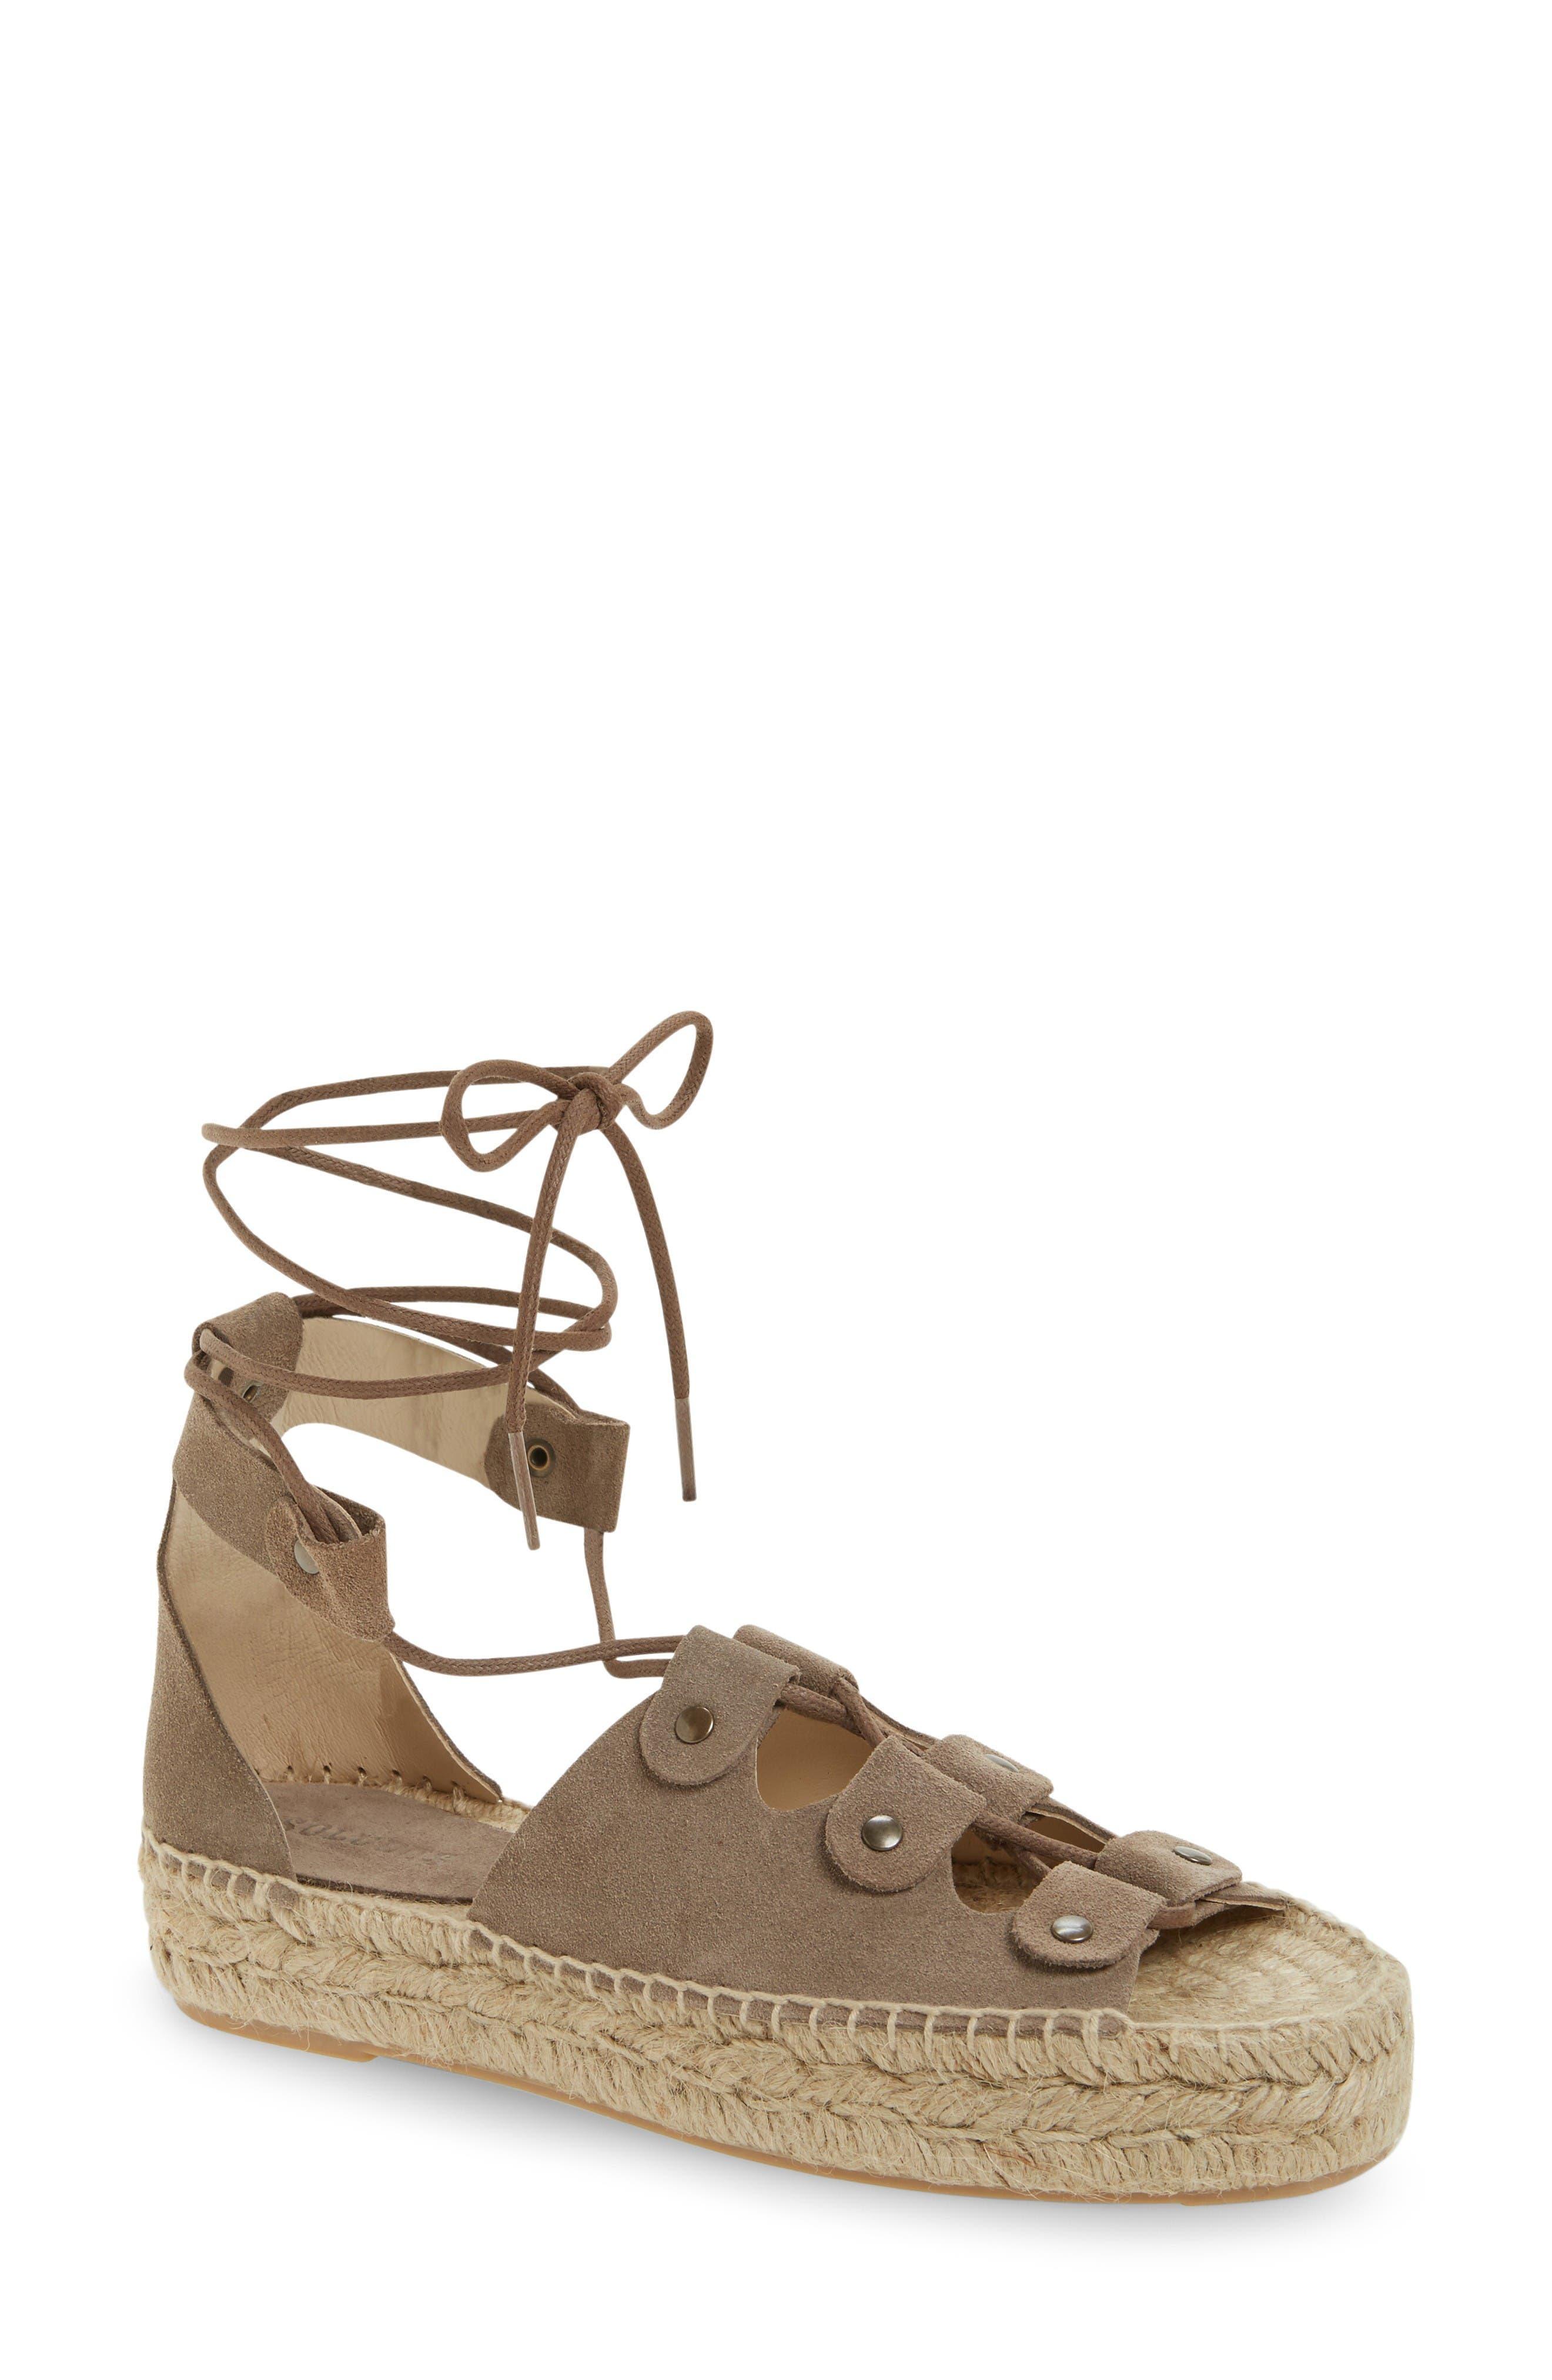 SOLUDOS Ghillie Platform Sandal